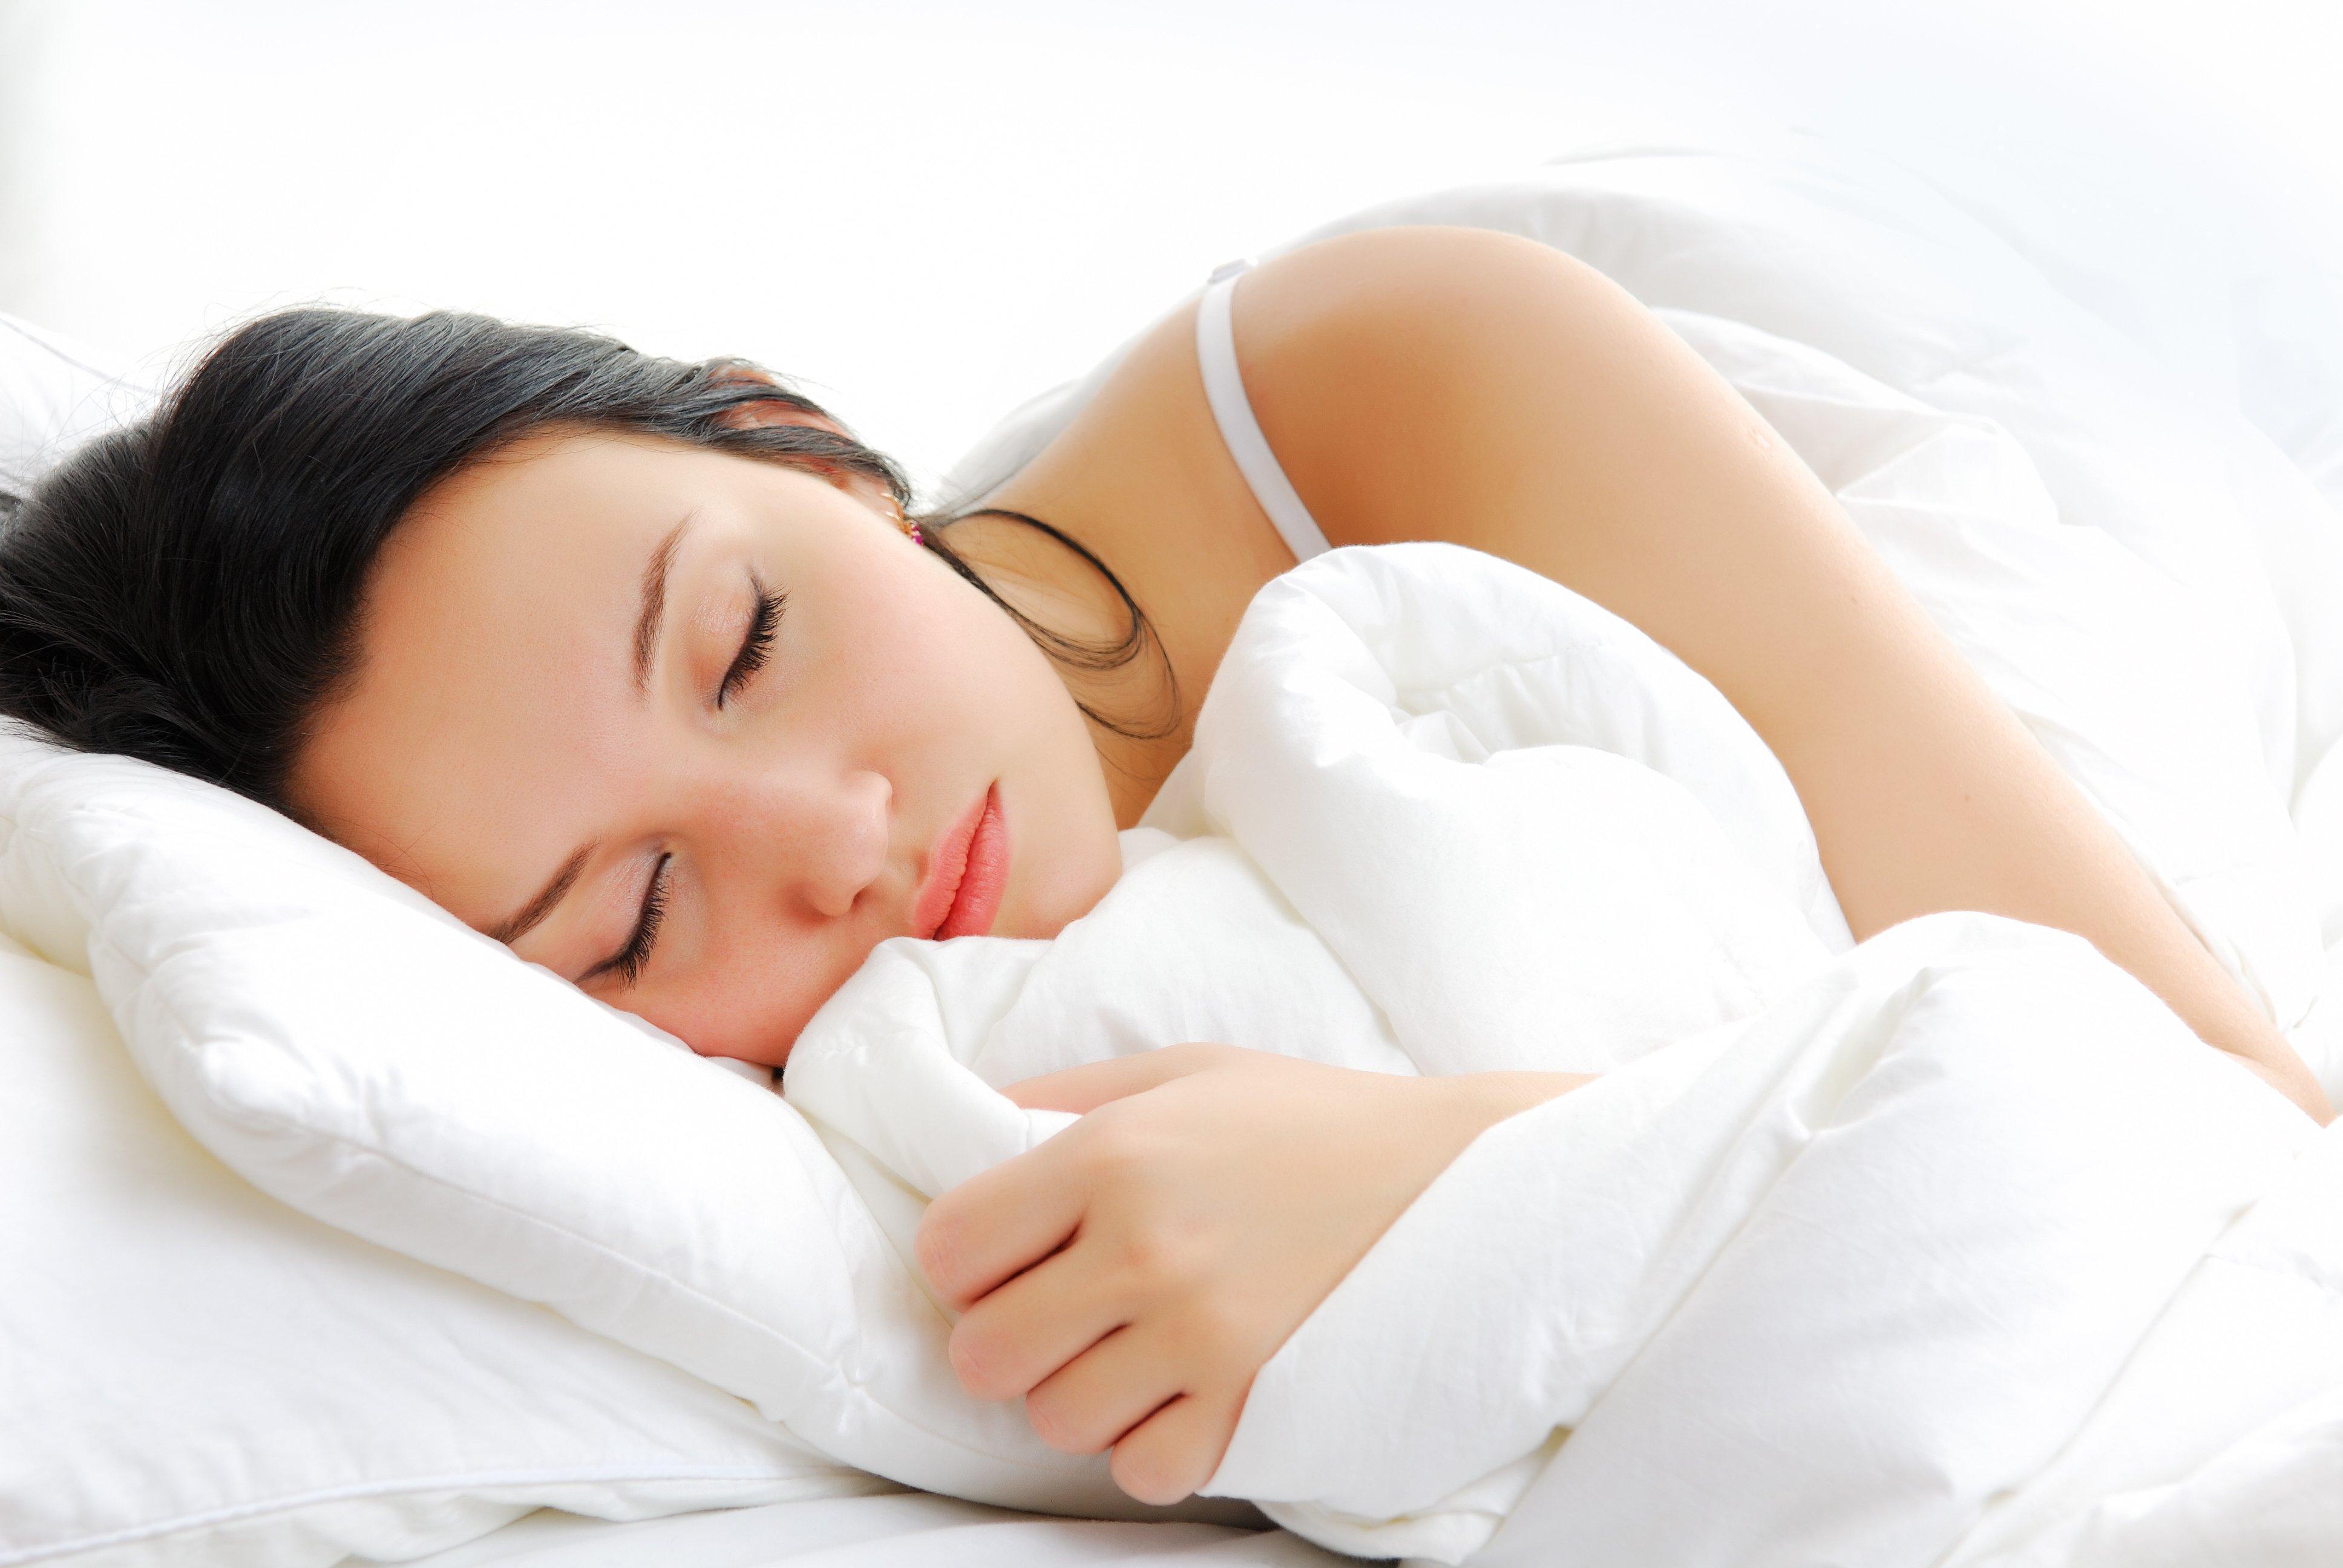 Dieta do sono – Dieta para Emagrecer Dormindo